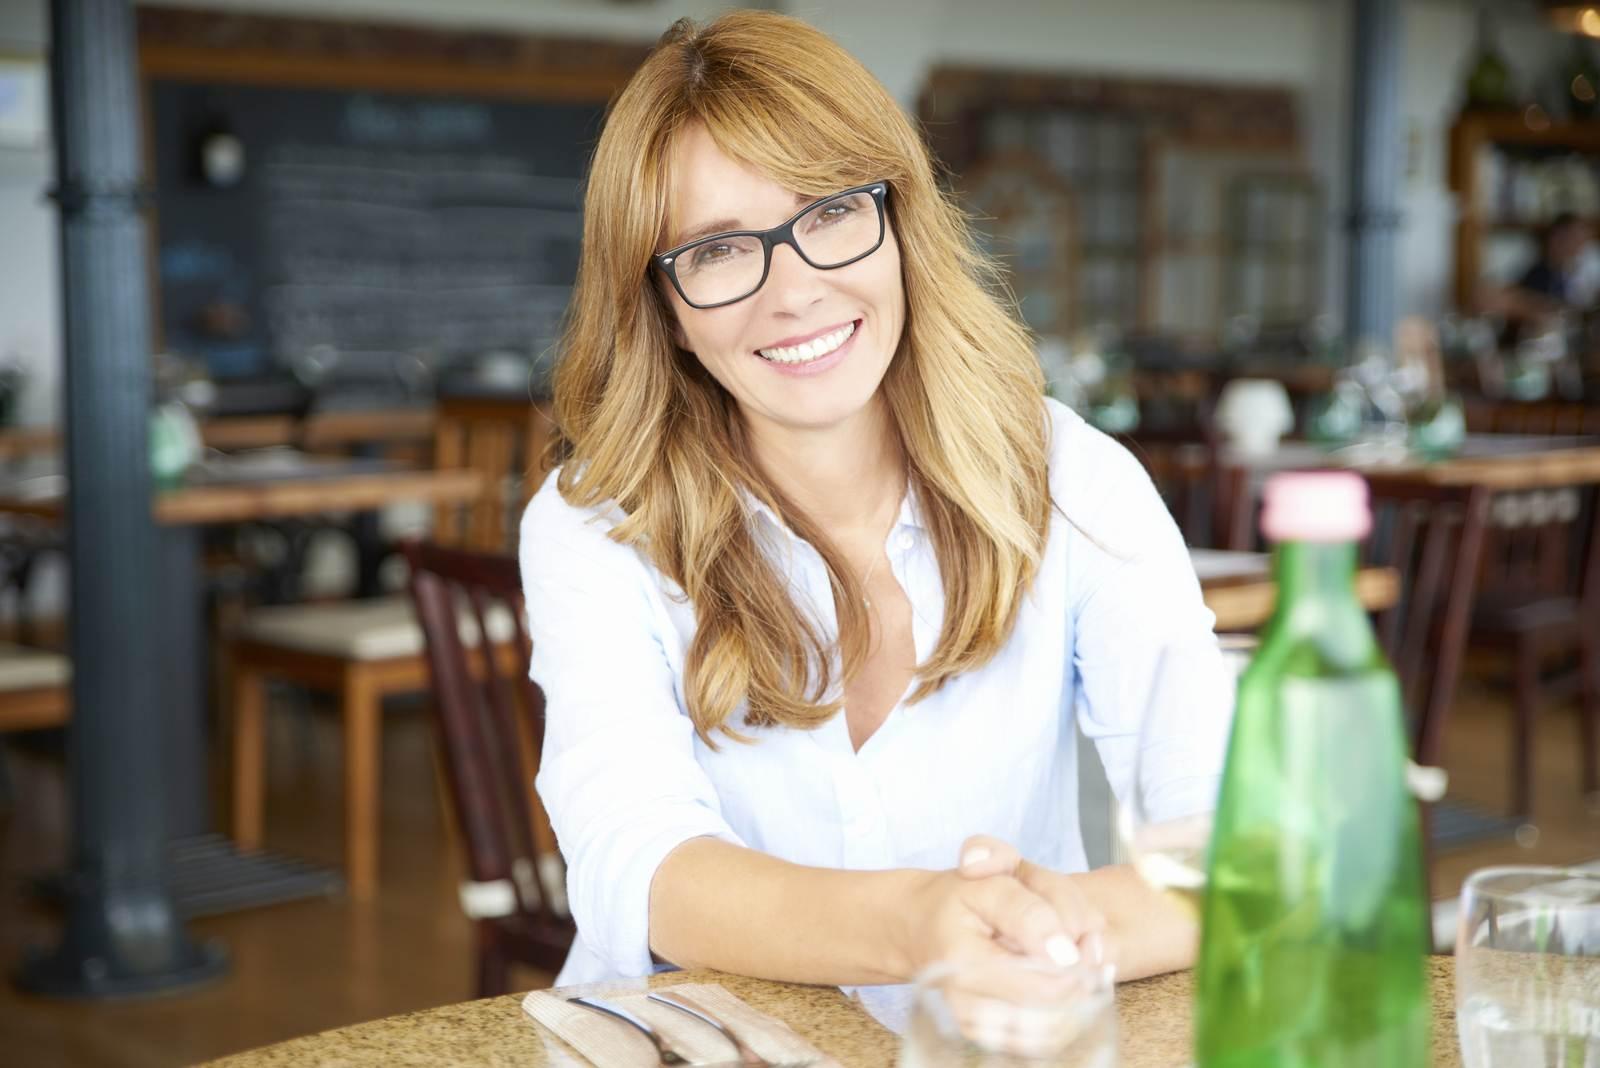 donna matura al tavolo beve acqua